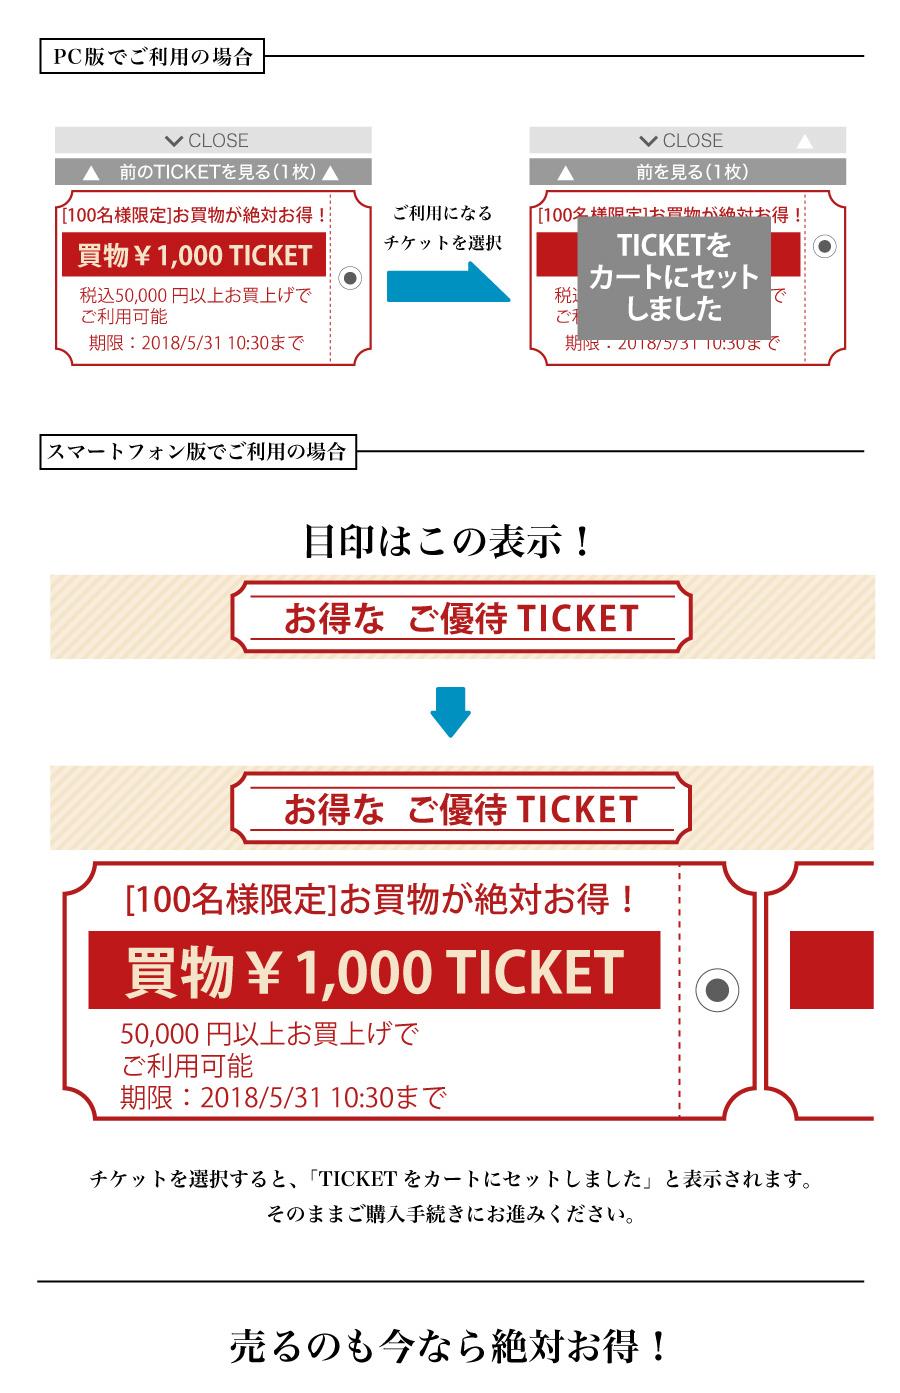 お買物チケット